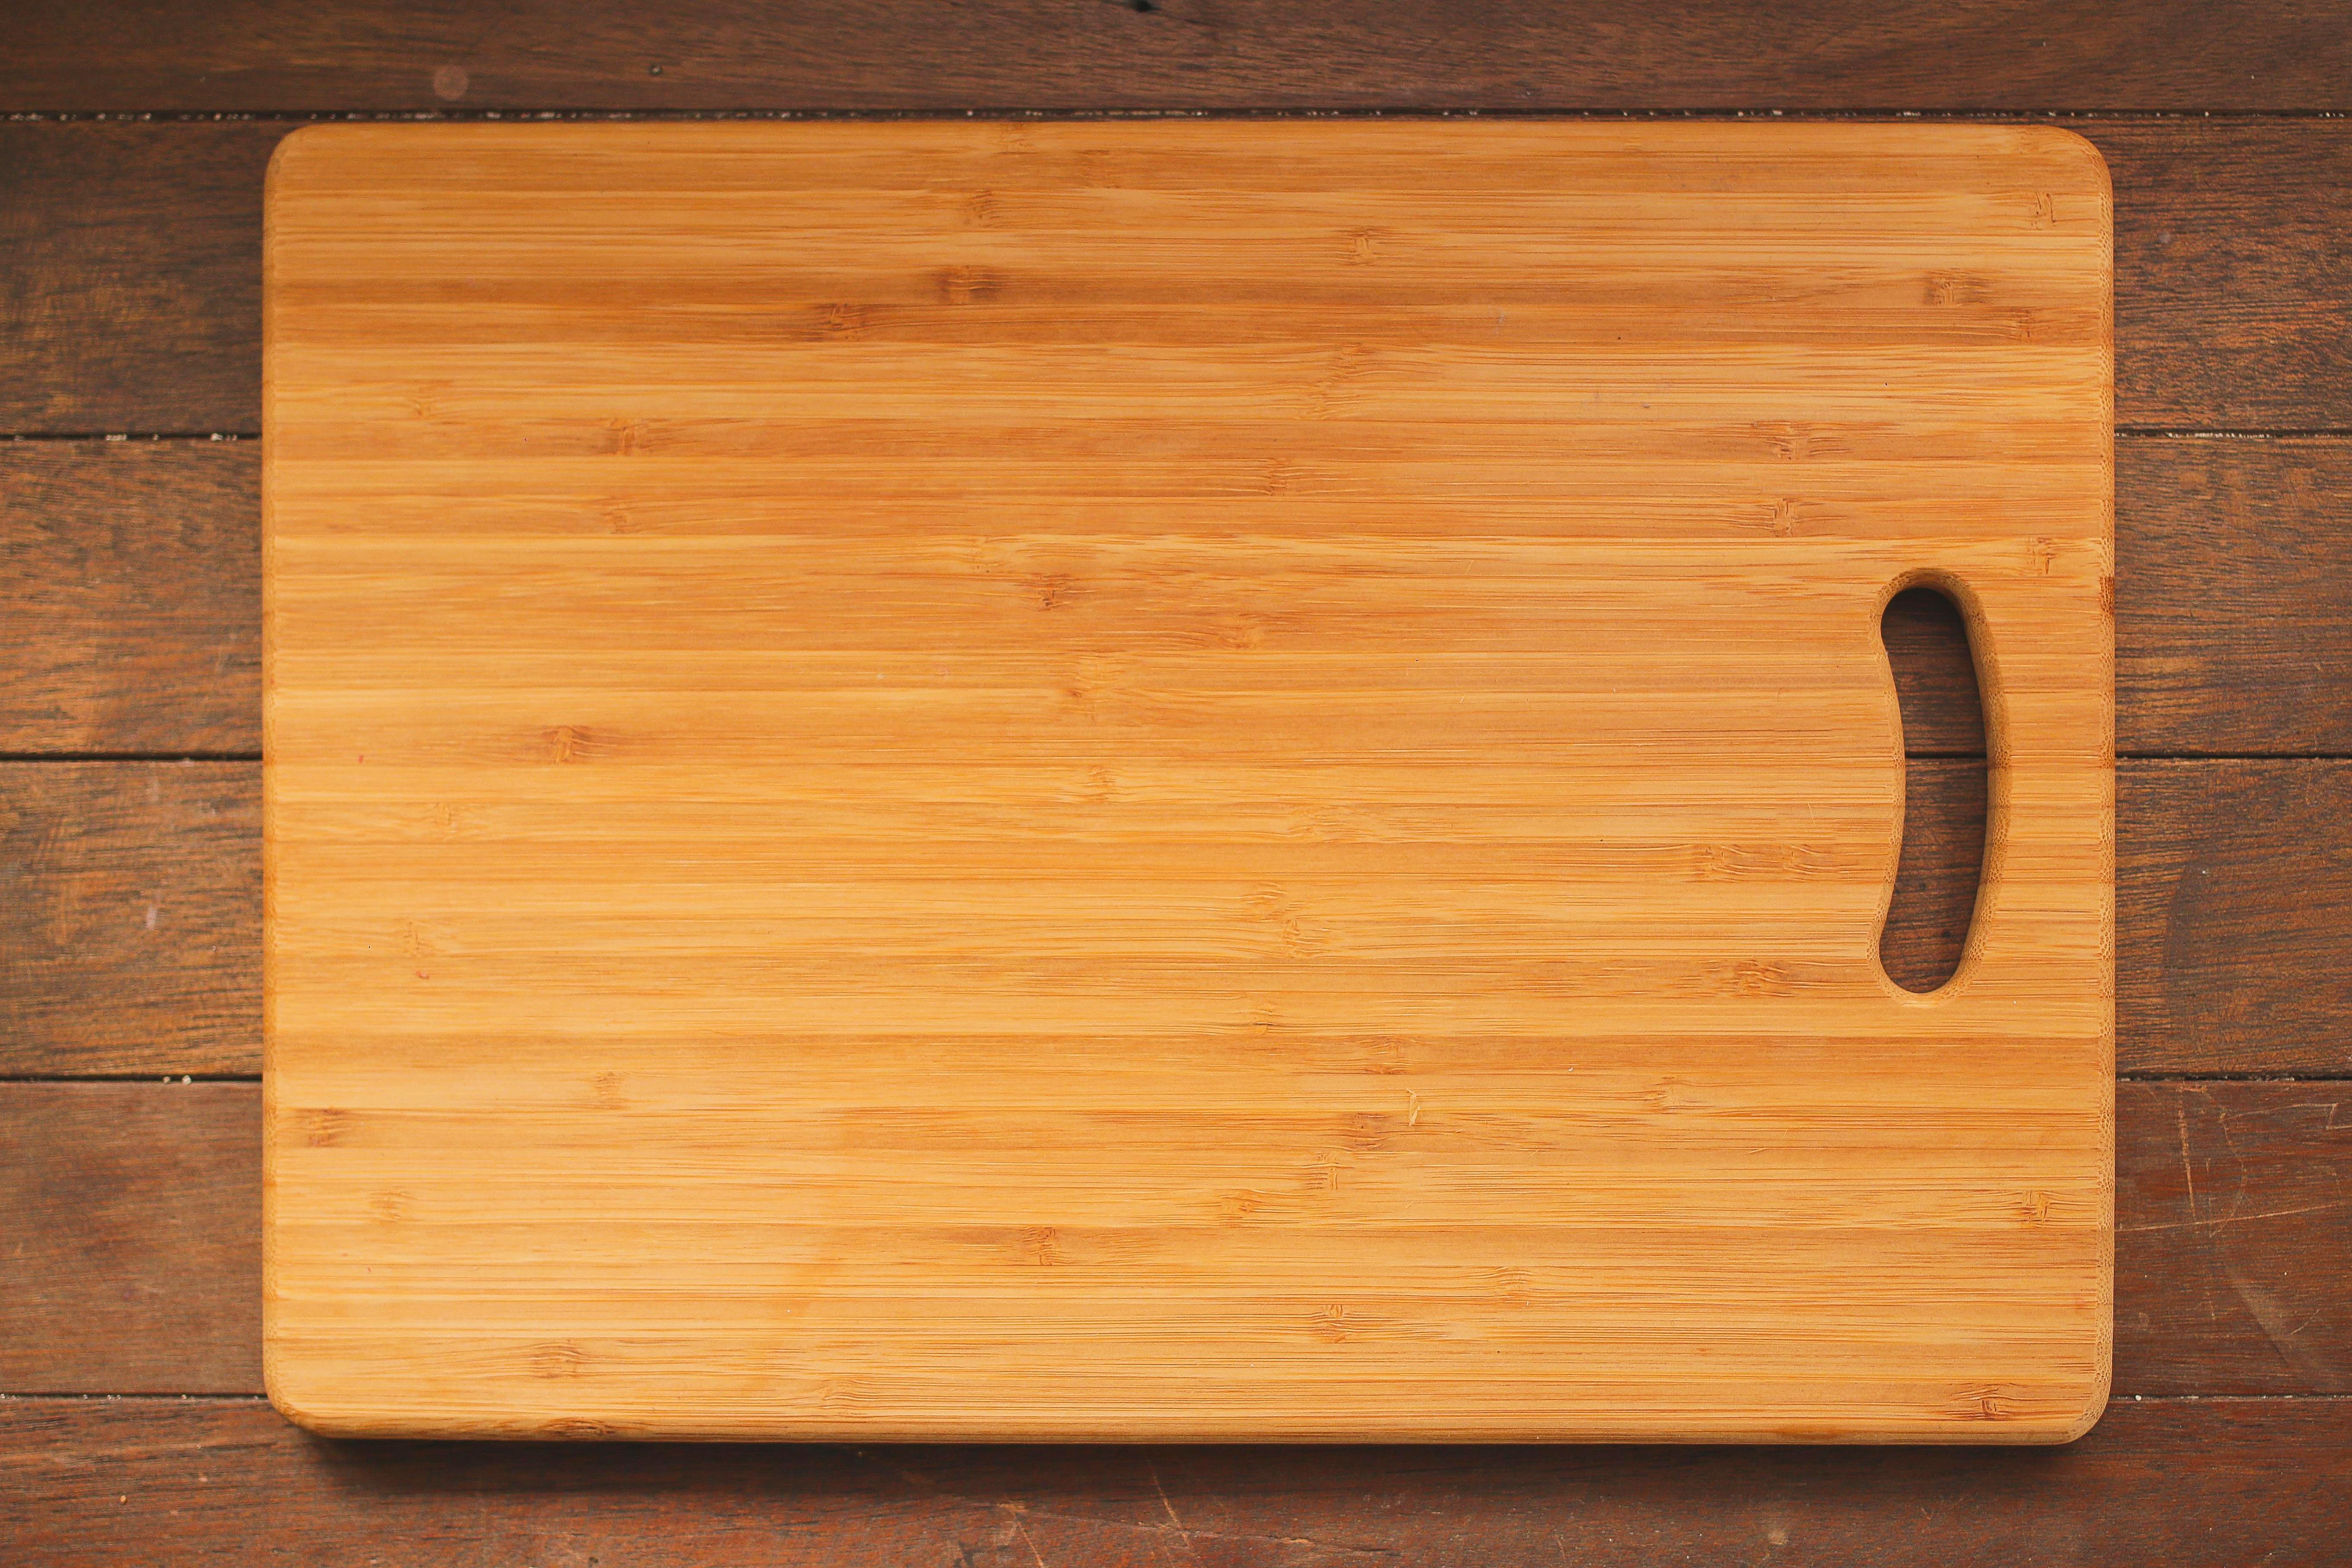 kostenlose foto tabelle tafel holz stock werkzeug rustikal lebensmittel nat rlich. Black Bedroom Furniture Sets. Home Design Ideas